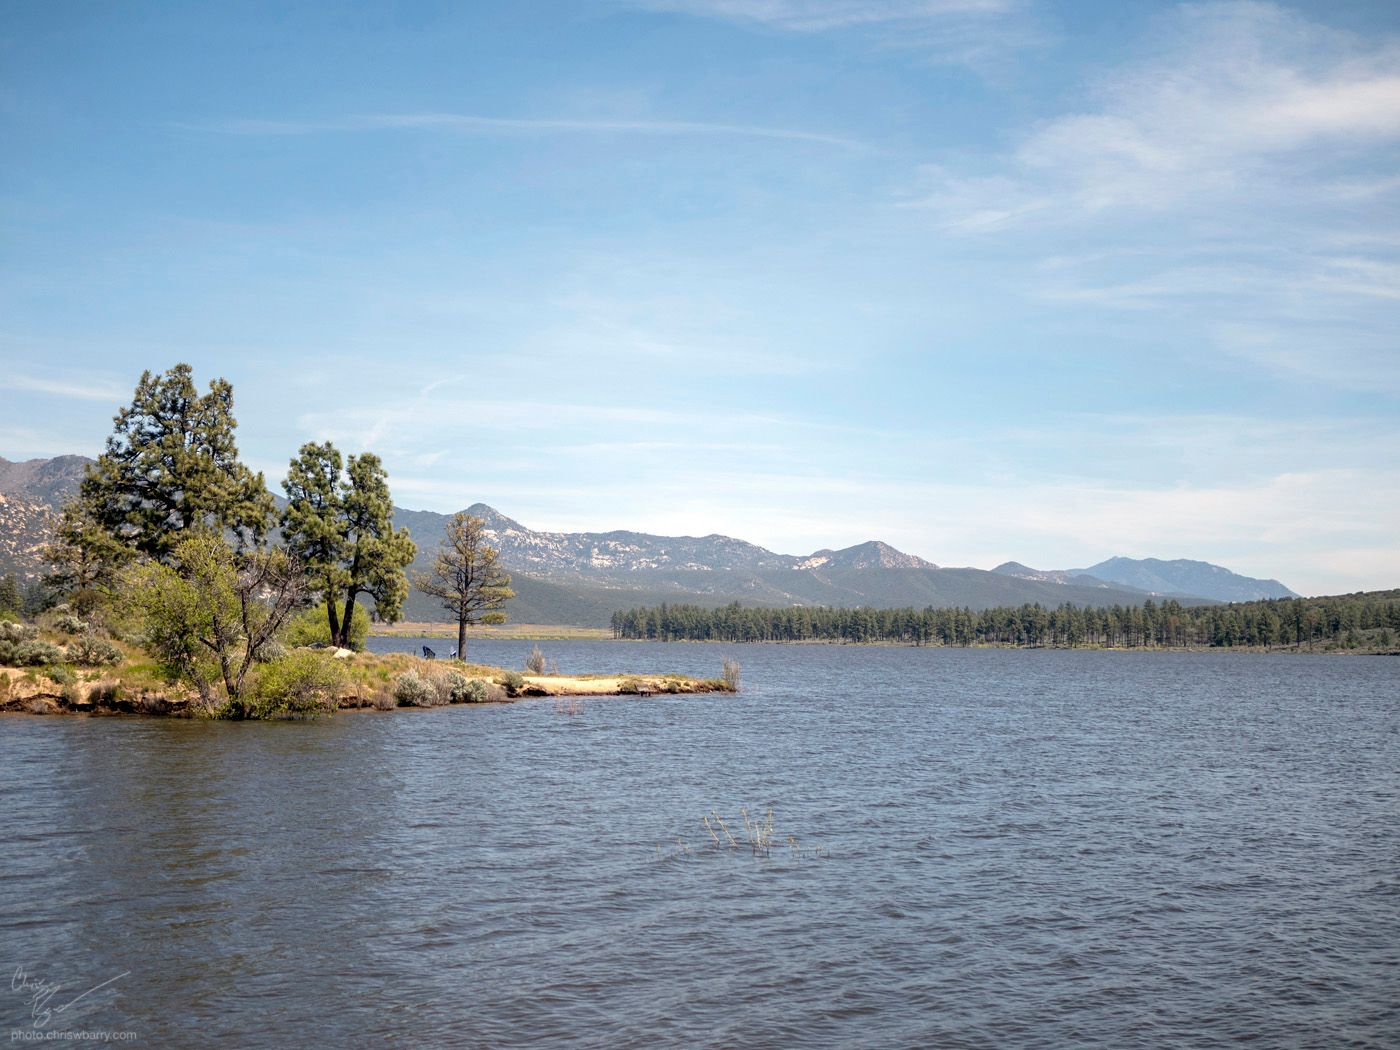 5-1-19: Lake Hemet